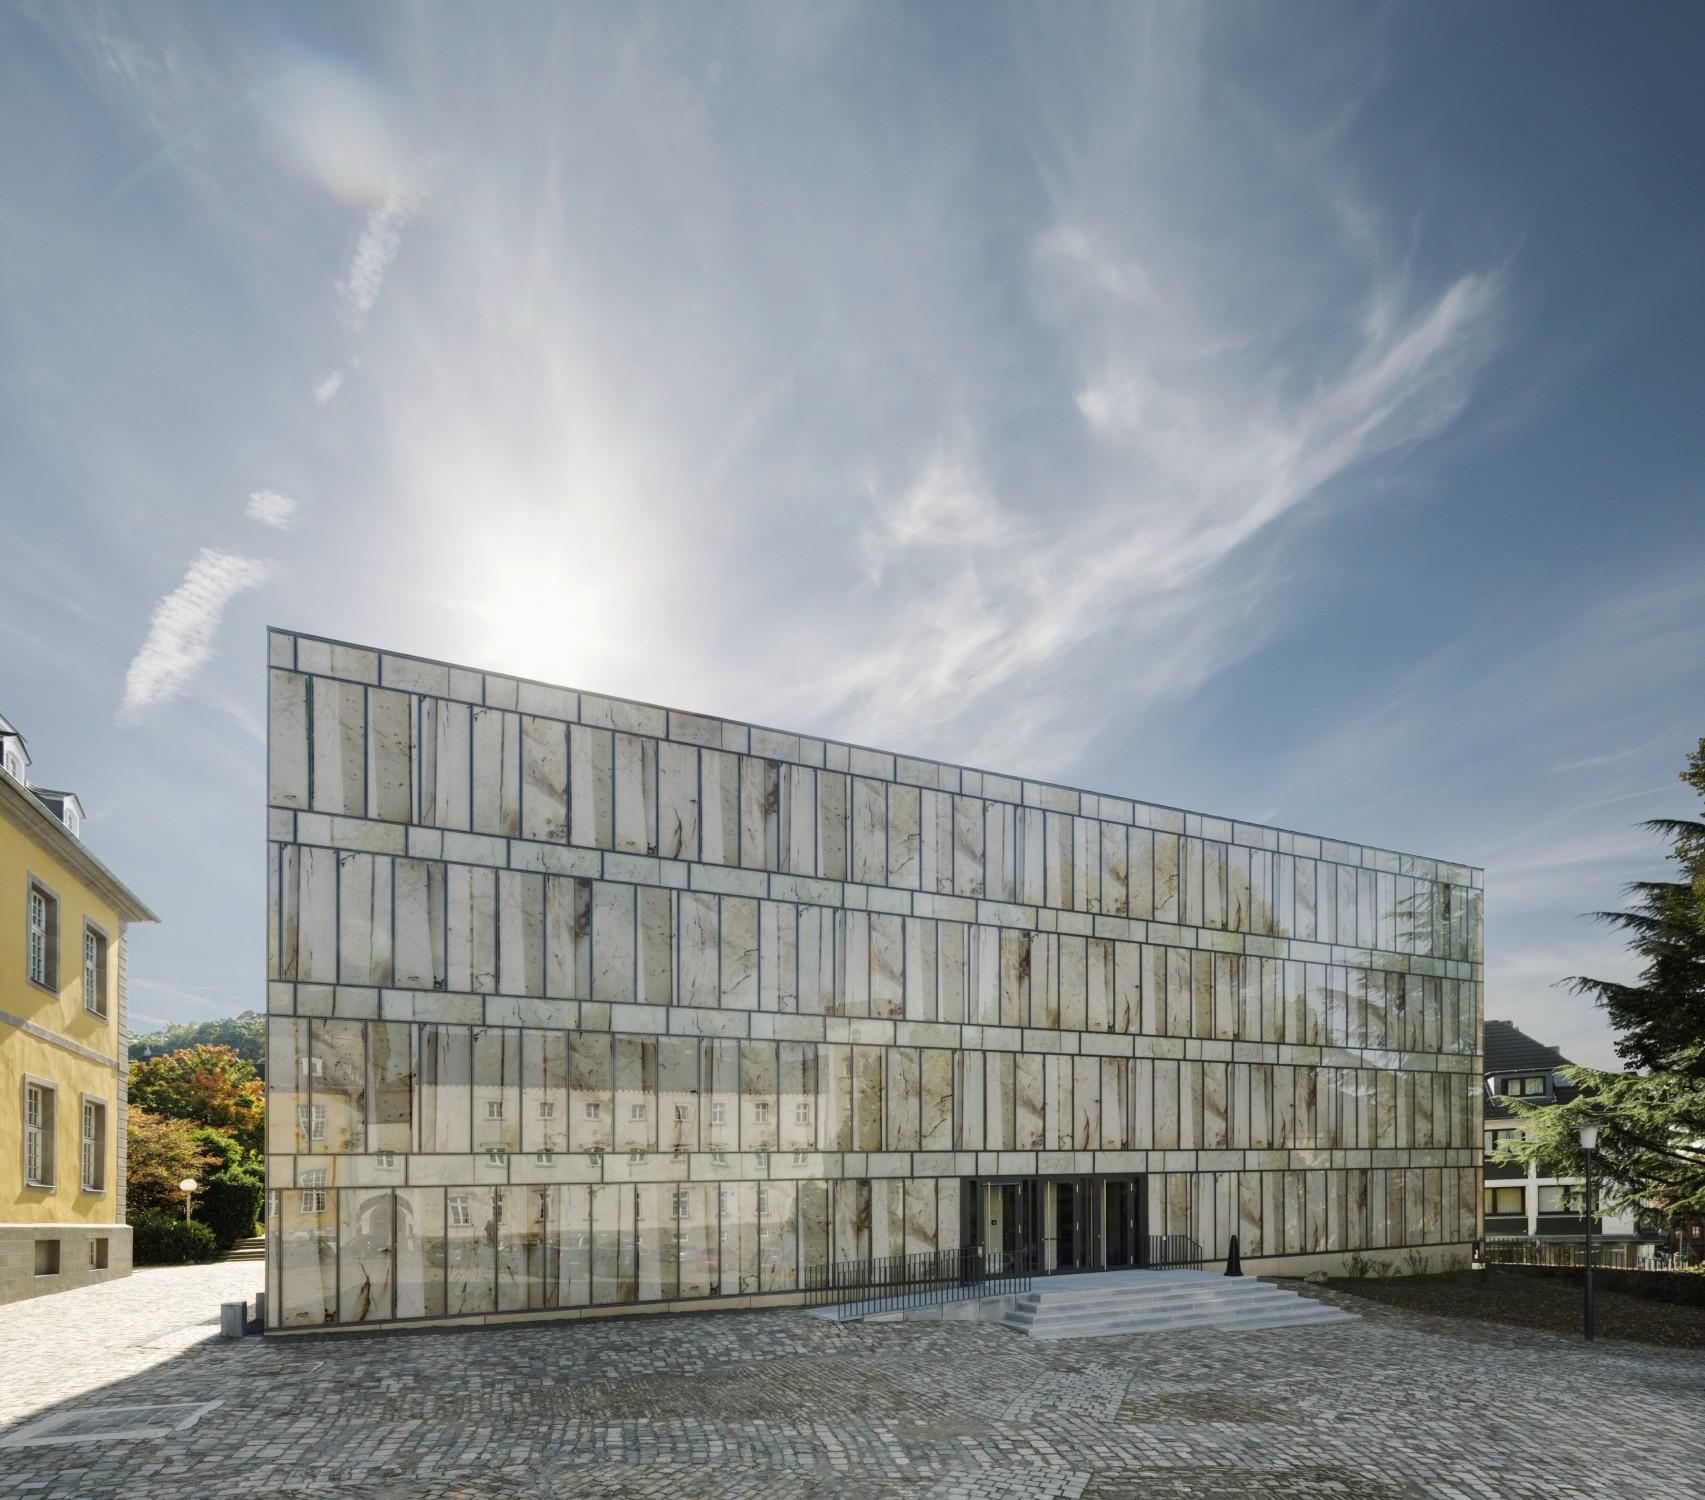 Folkwang bibliothek in essen glas bildung baunetz wissen - Architekt essen ...